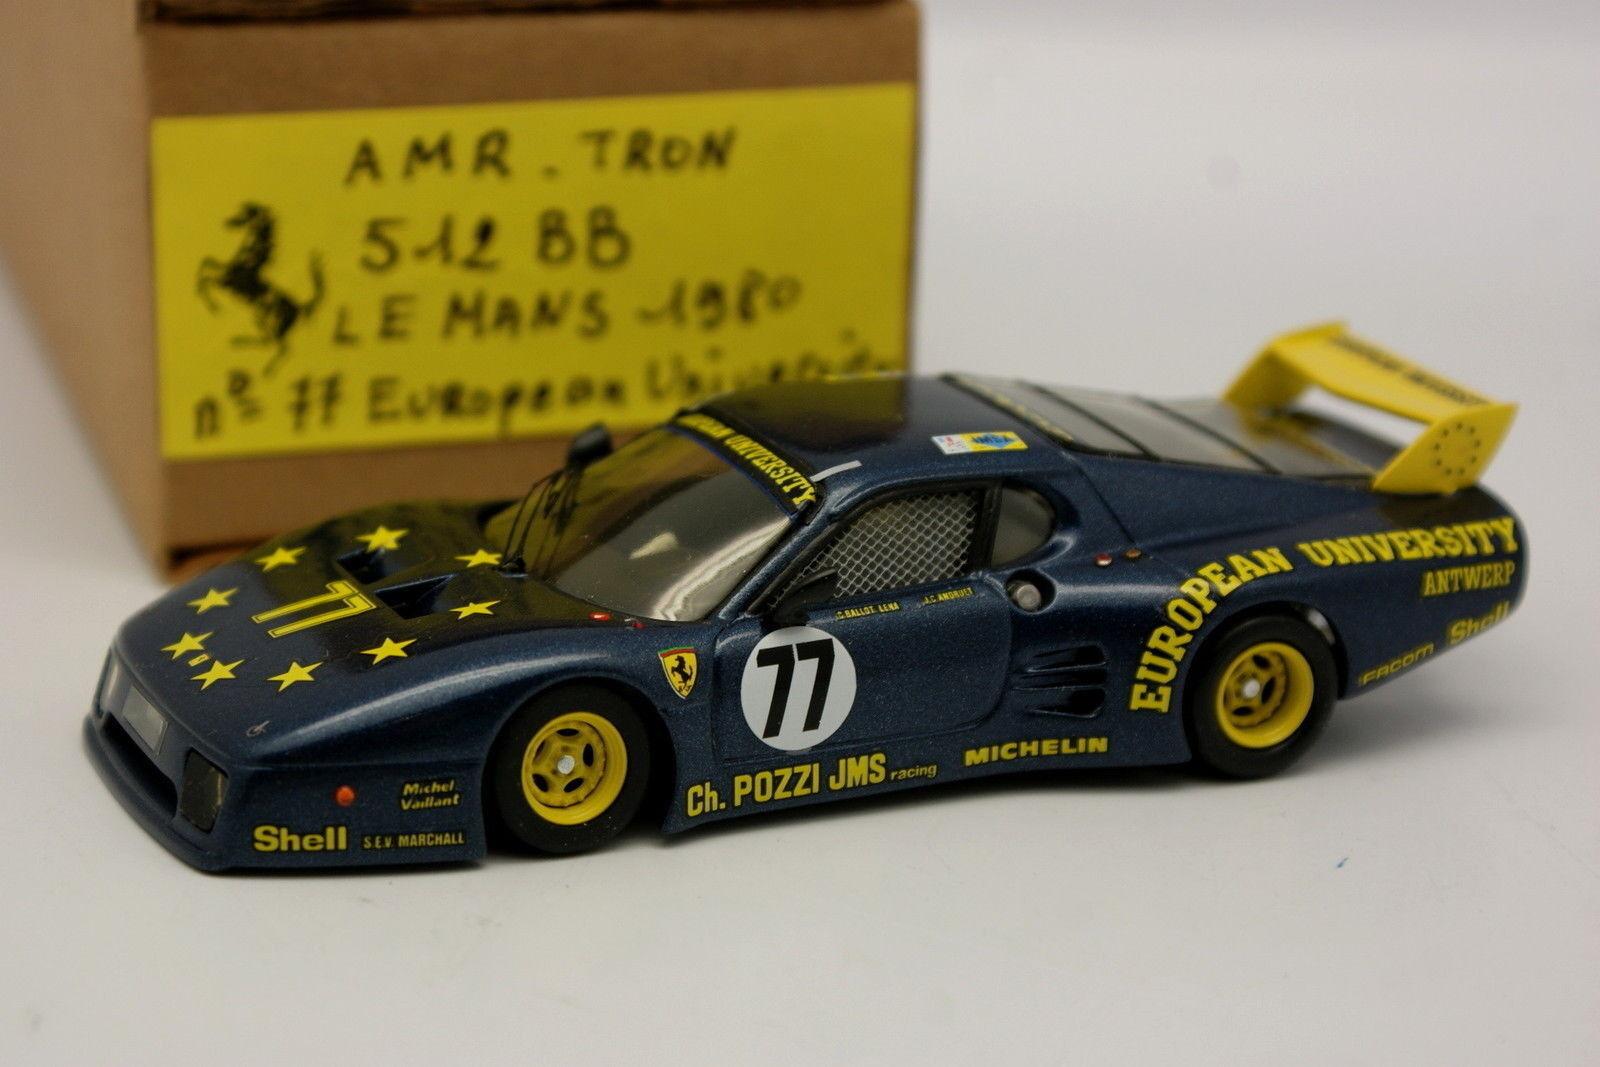 AMR Tron Kit Monté 1 43 - Ferrari 512 BB N°77 Le Mans 1980 European University